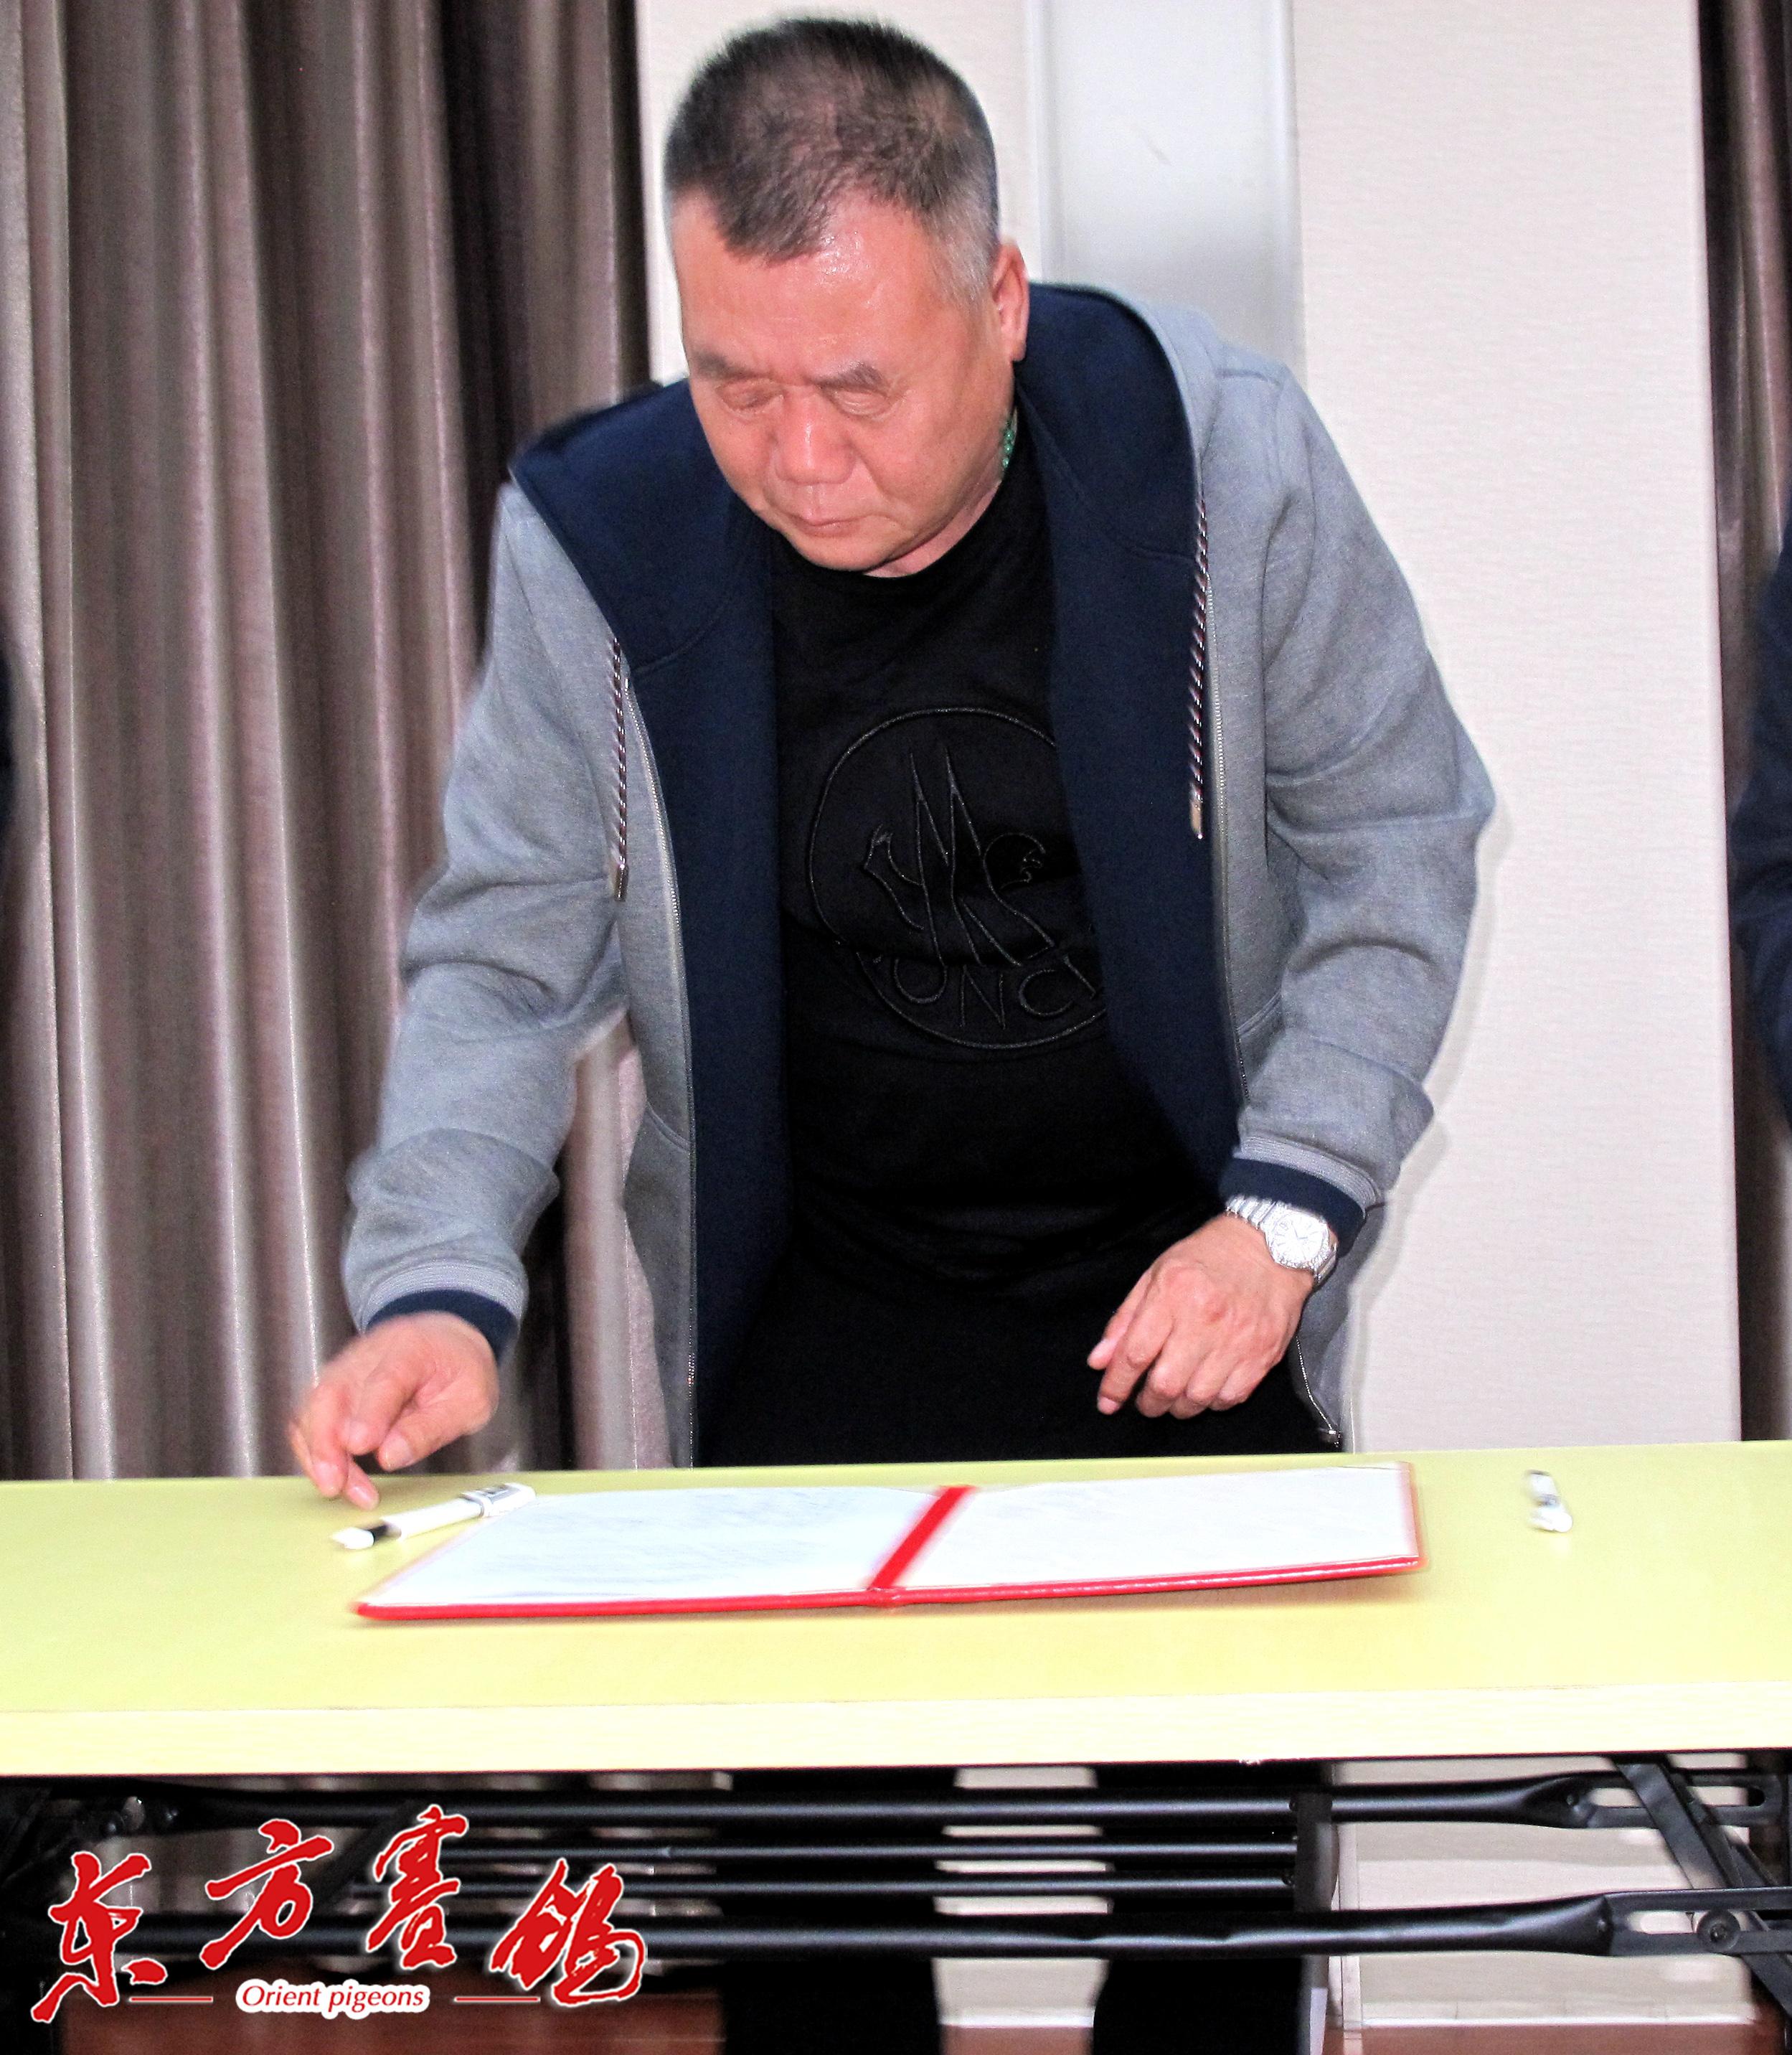 19、天津滨海新区鸽协秘书长刘为民在打击网鸽活动协议书上签字。